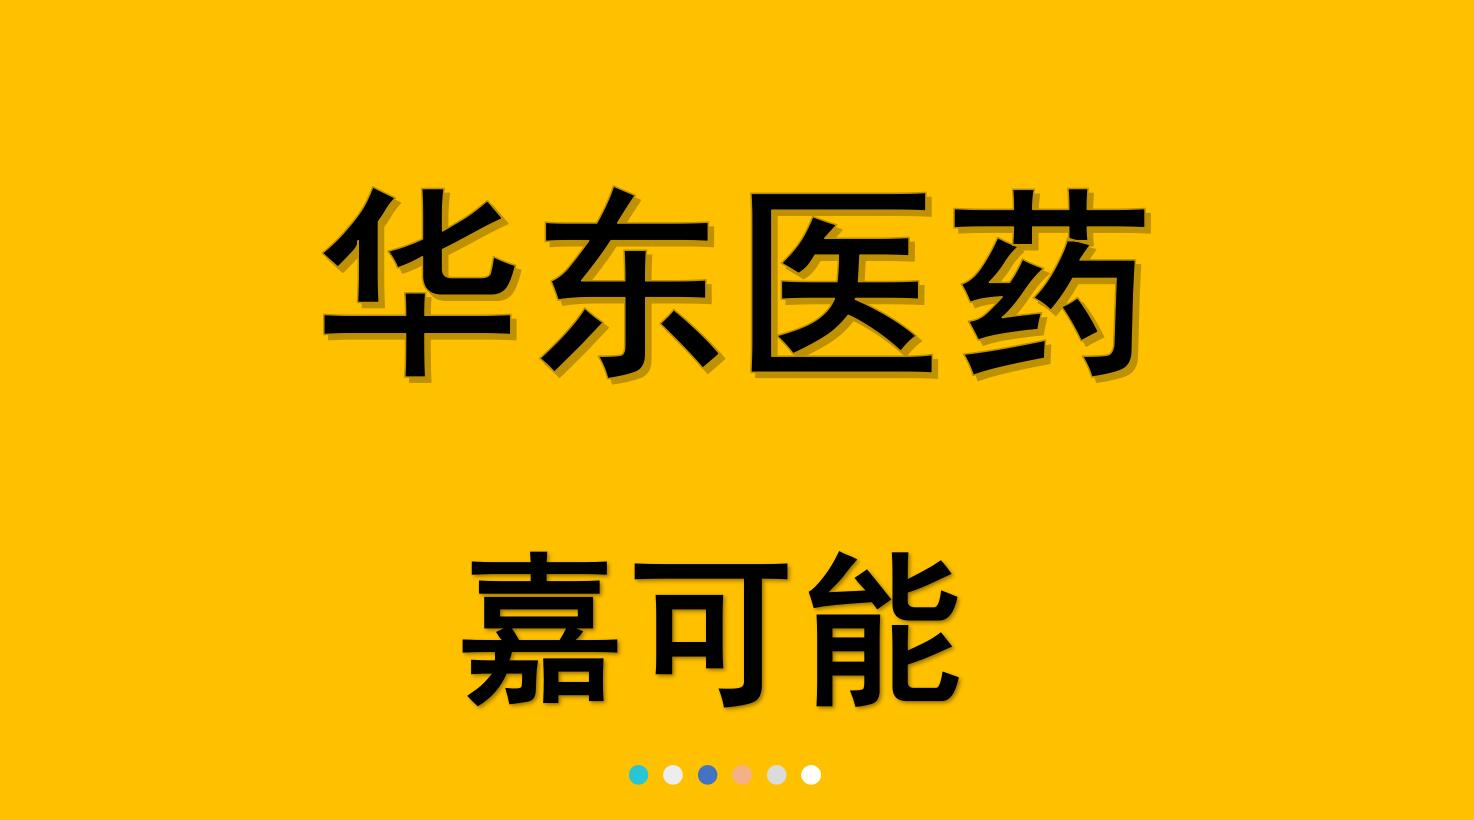 【嘉可能】华东医药(000963)涨停,短期超50%涨幅的缠论技巧!(4月30日)